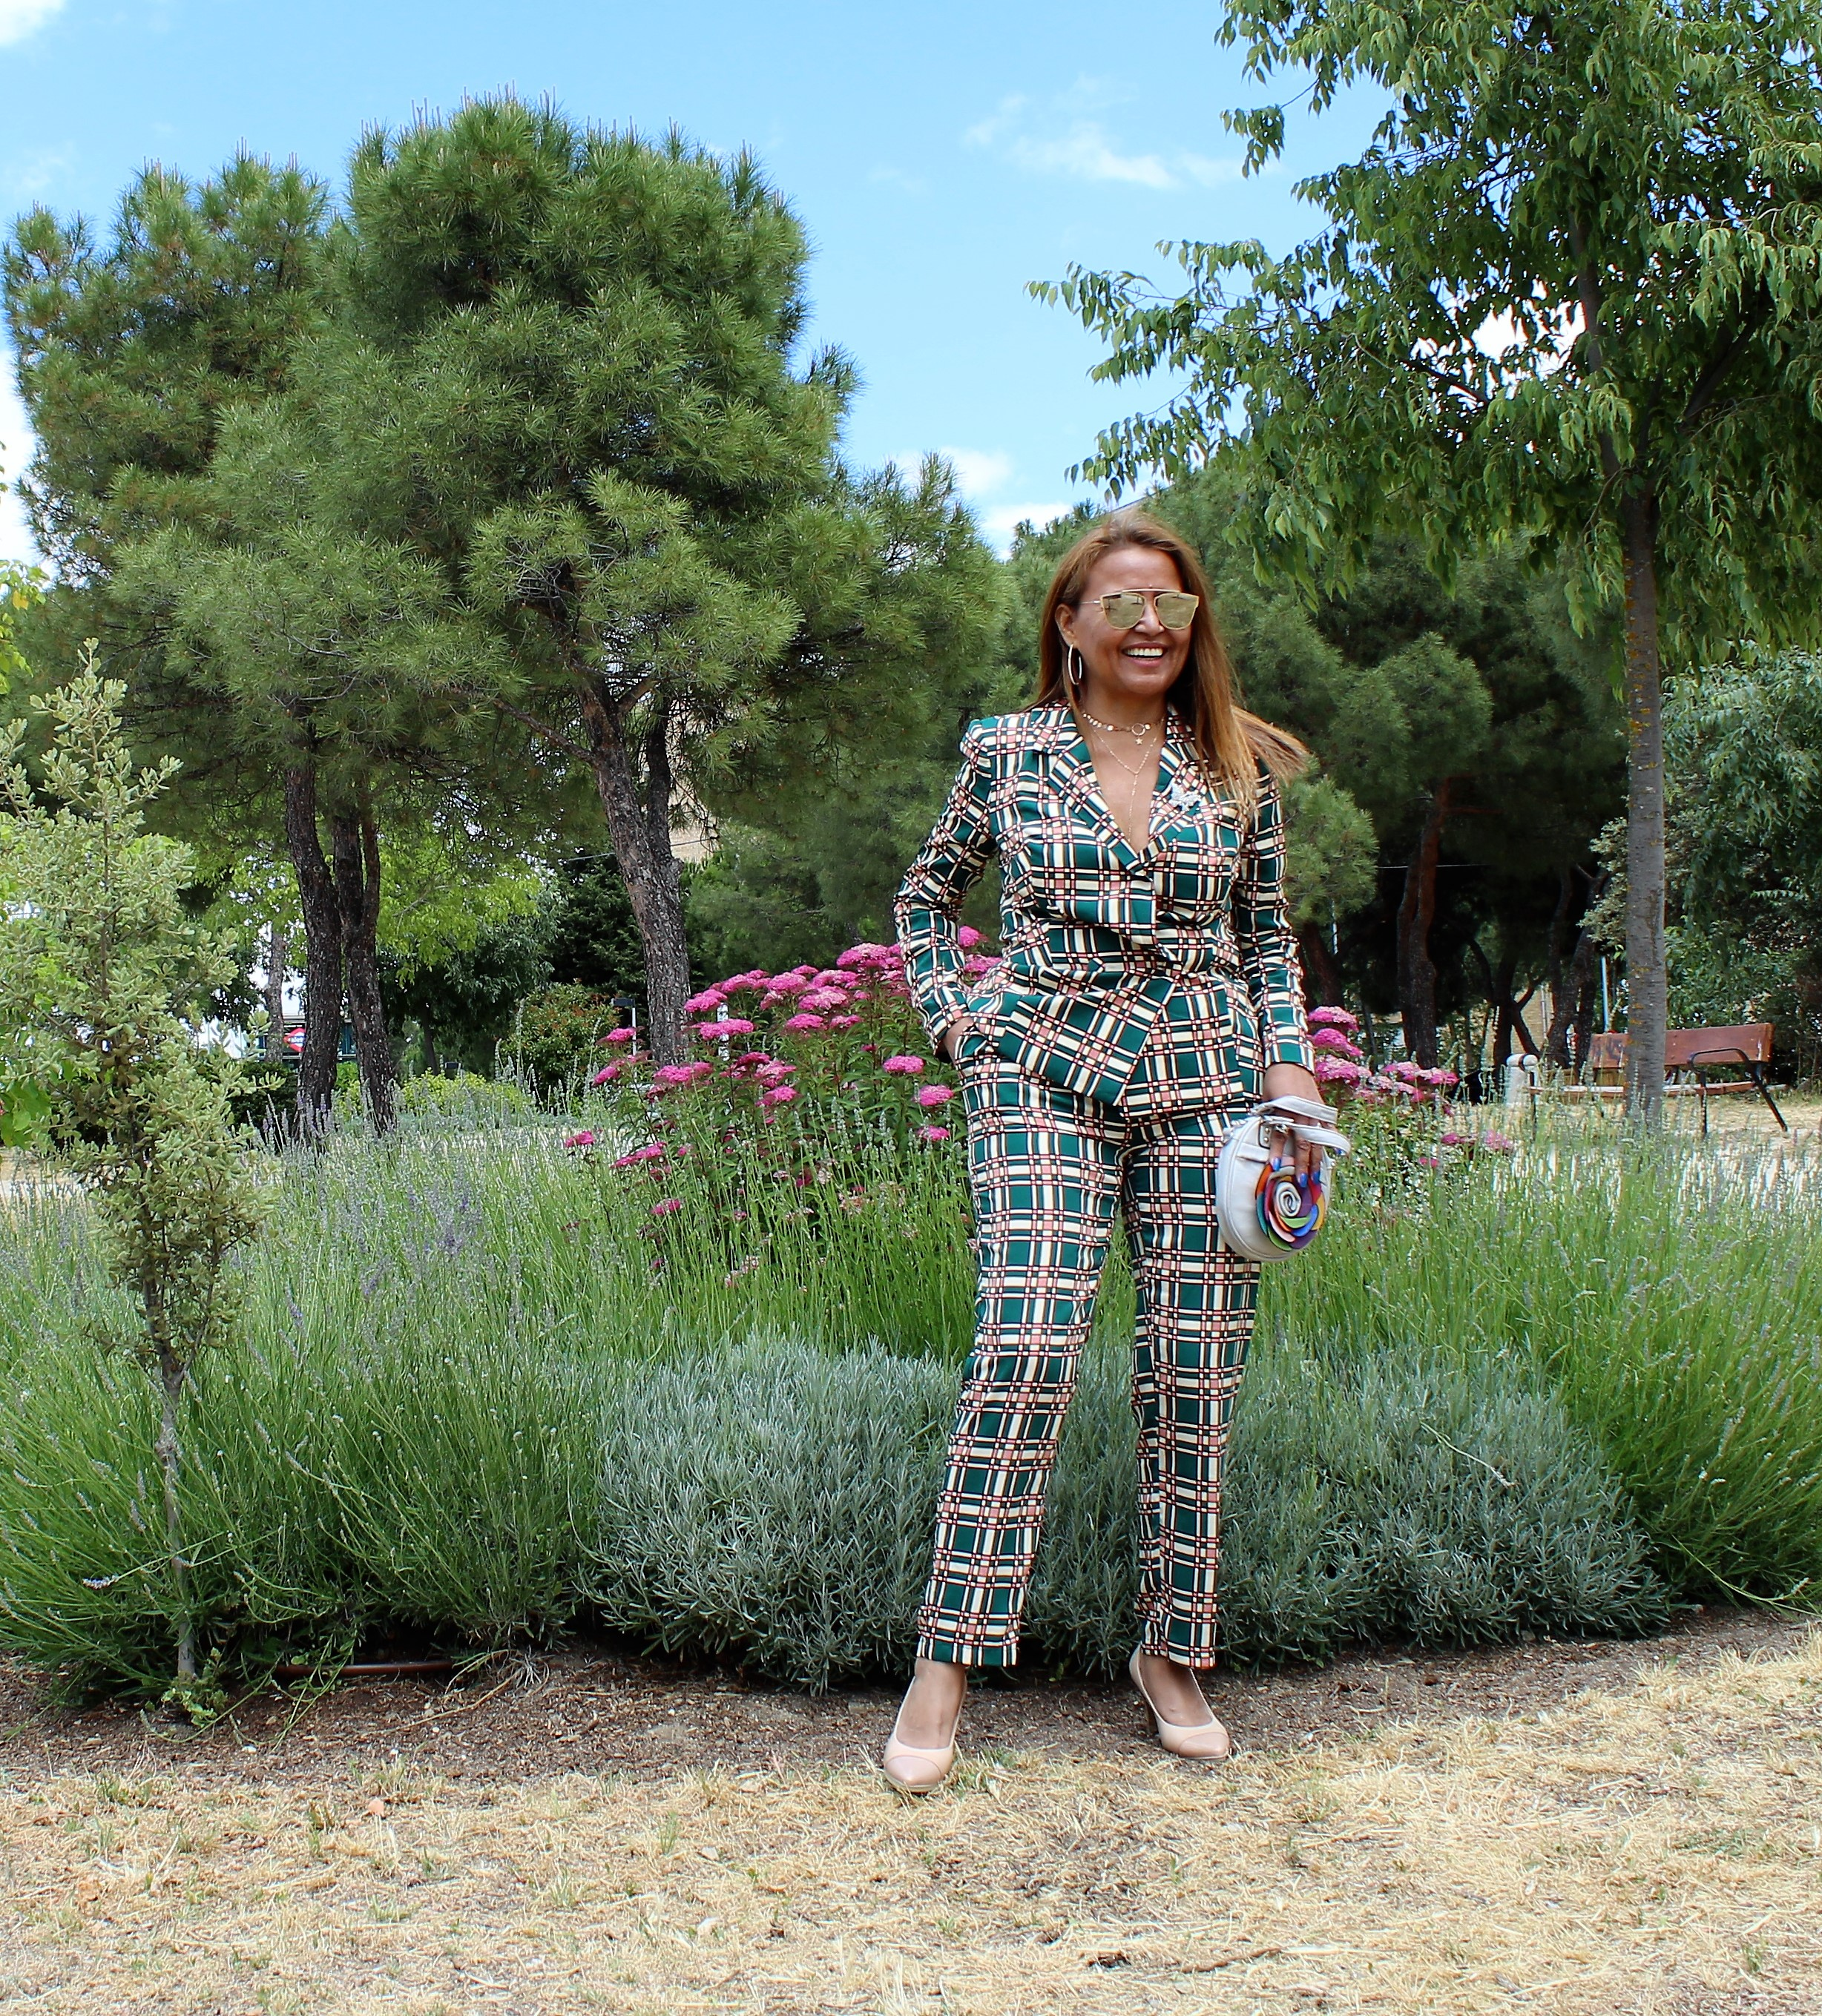 Pantalón y ameriana a cuadros verdes de mujer.